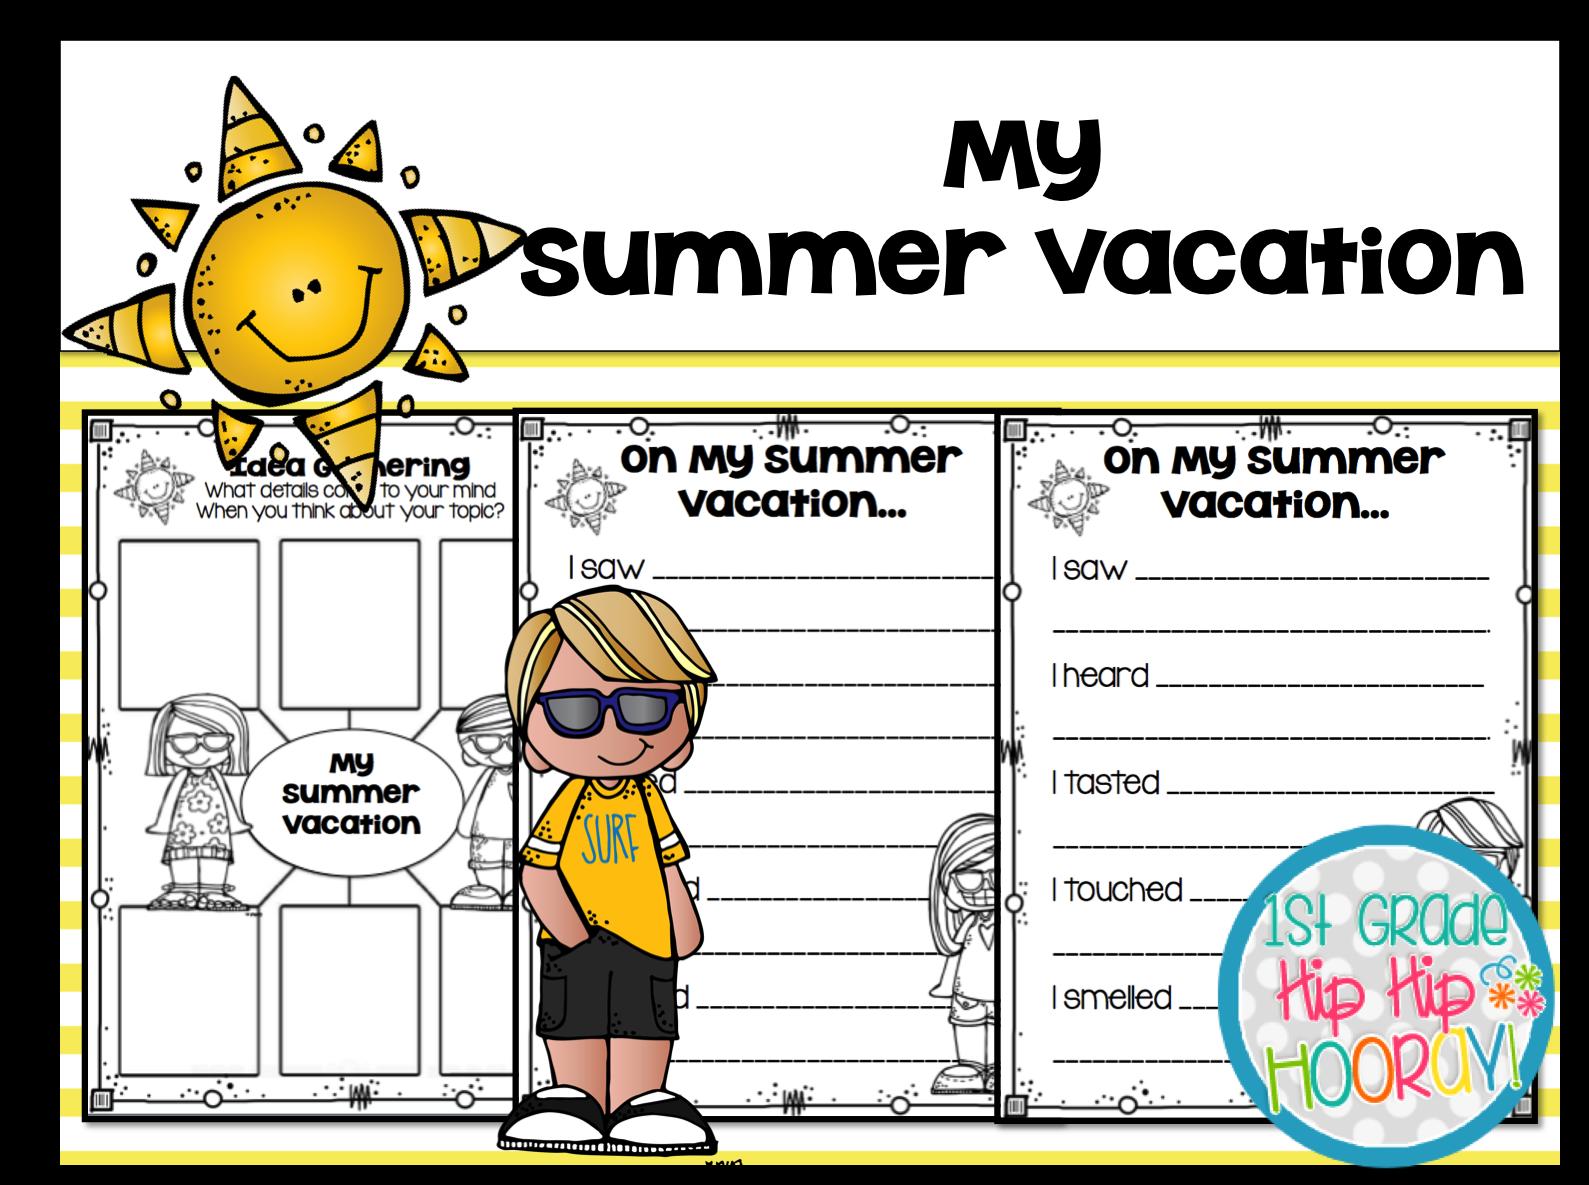 1st Grade Hip Hip Hooray How I Spent My Summer Vacation